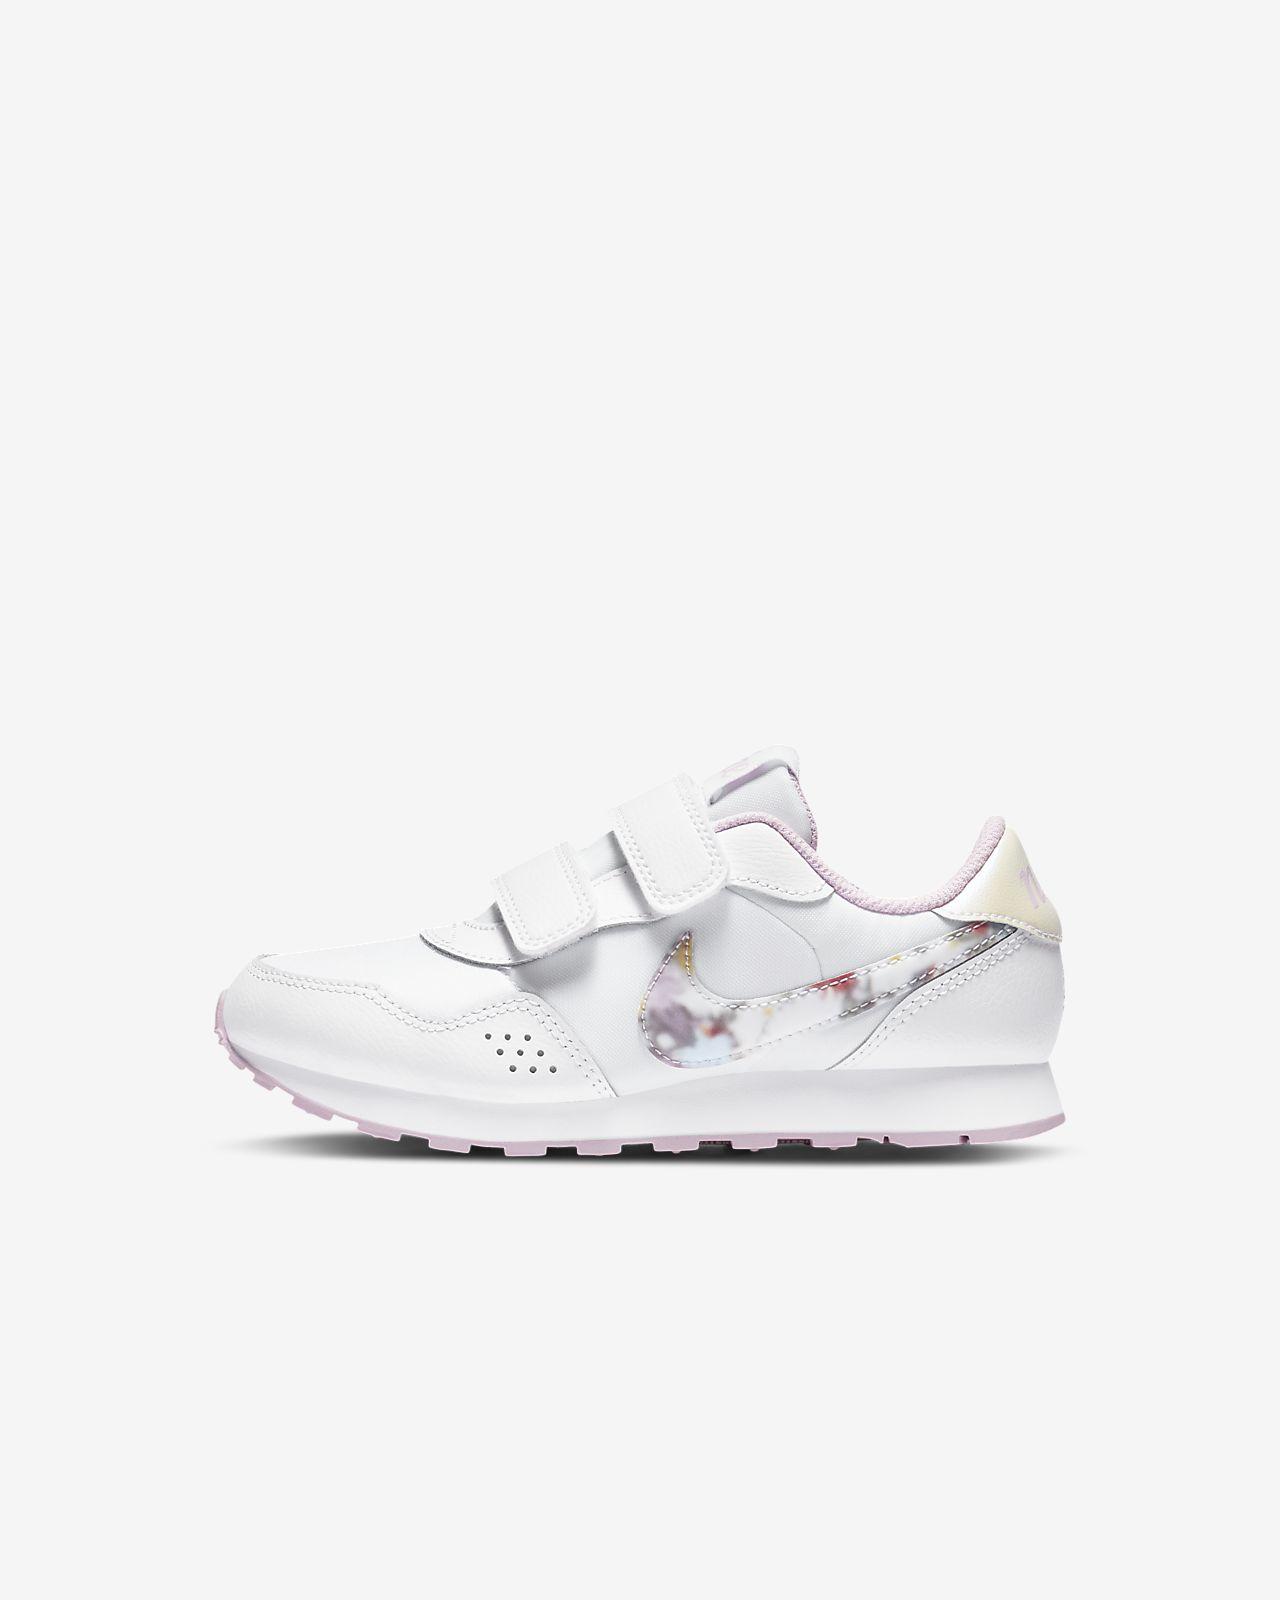 Nike MD Valiant Küçük Çocuk Ayakkabısı